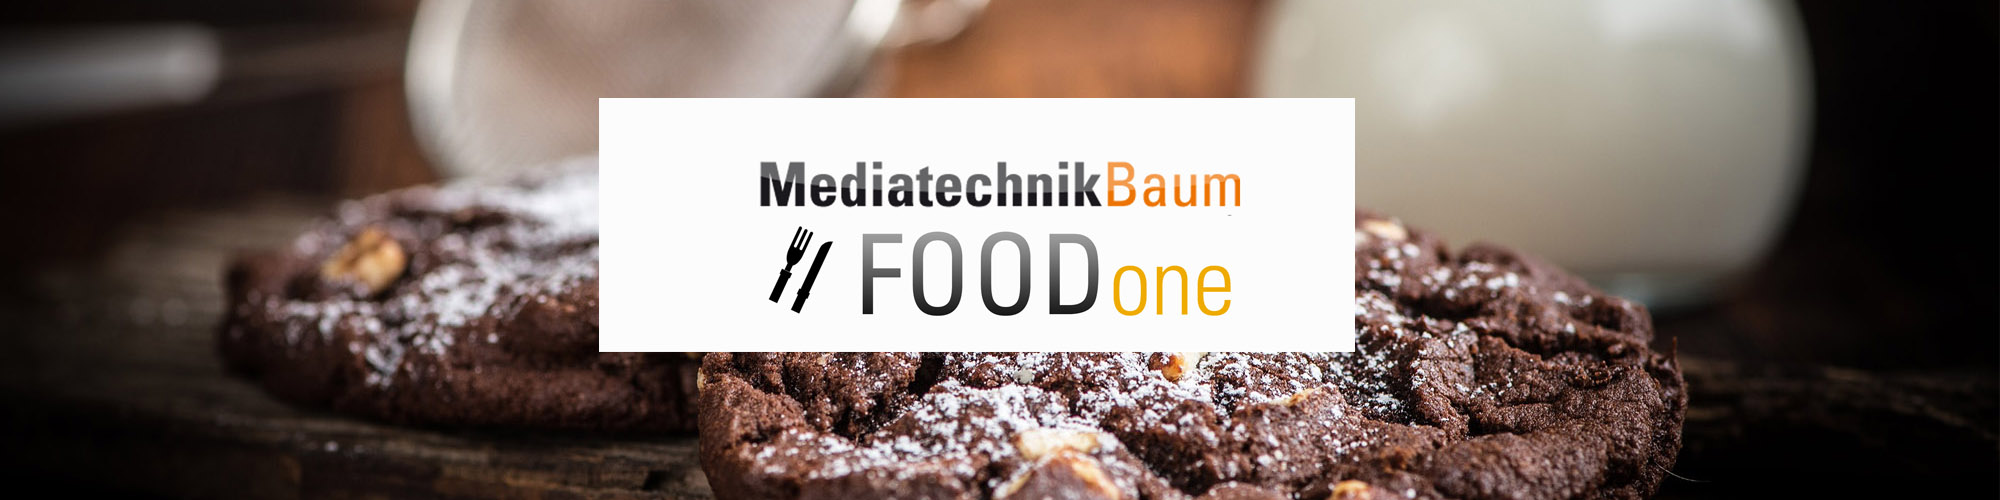 branchenlösung, branchenlösung nahrungsmittelindustrie, erp lösung nahrungsmittelindustrie, branchenlösung food, erp für bakery